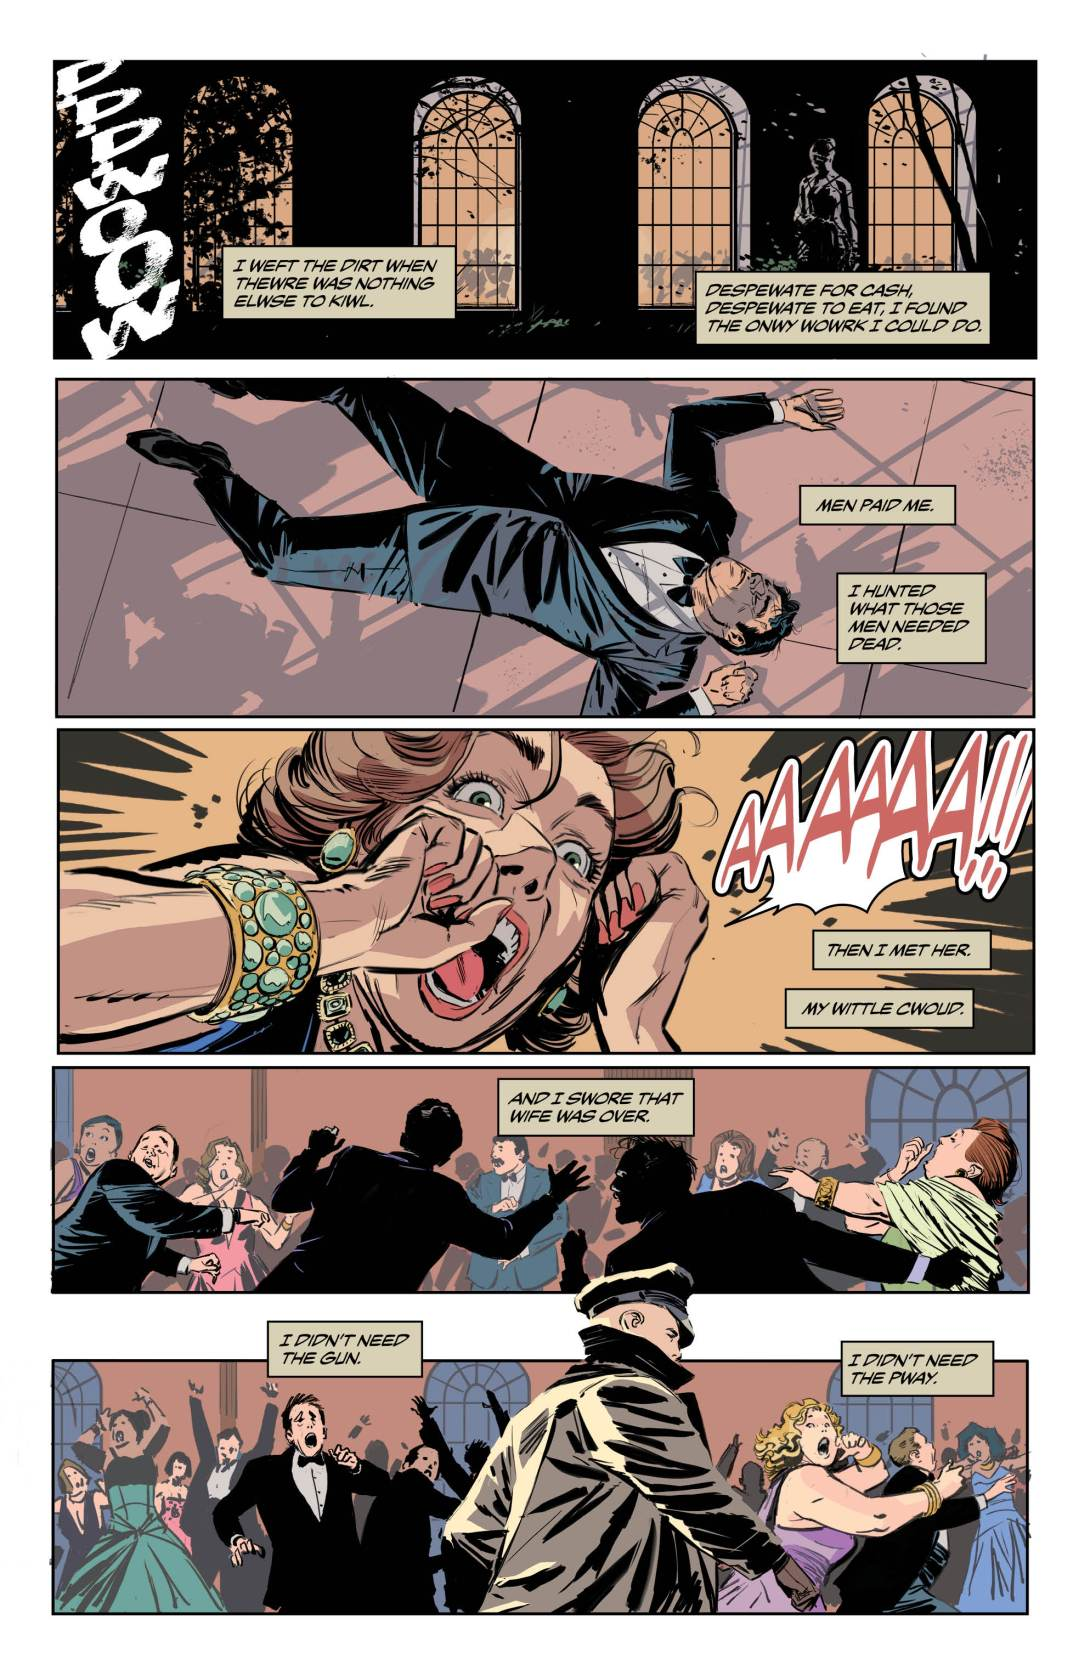 Batman Elmer Fudd 3 - DC Comics News